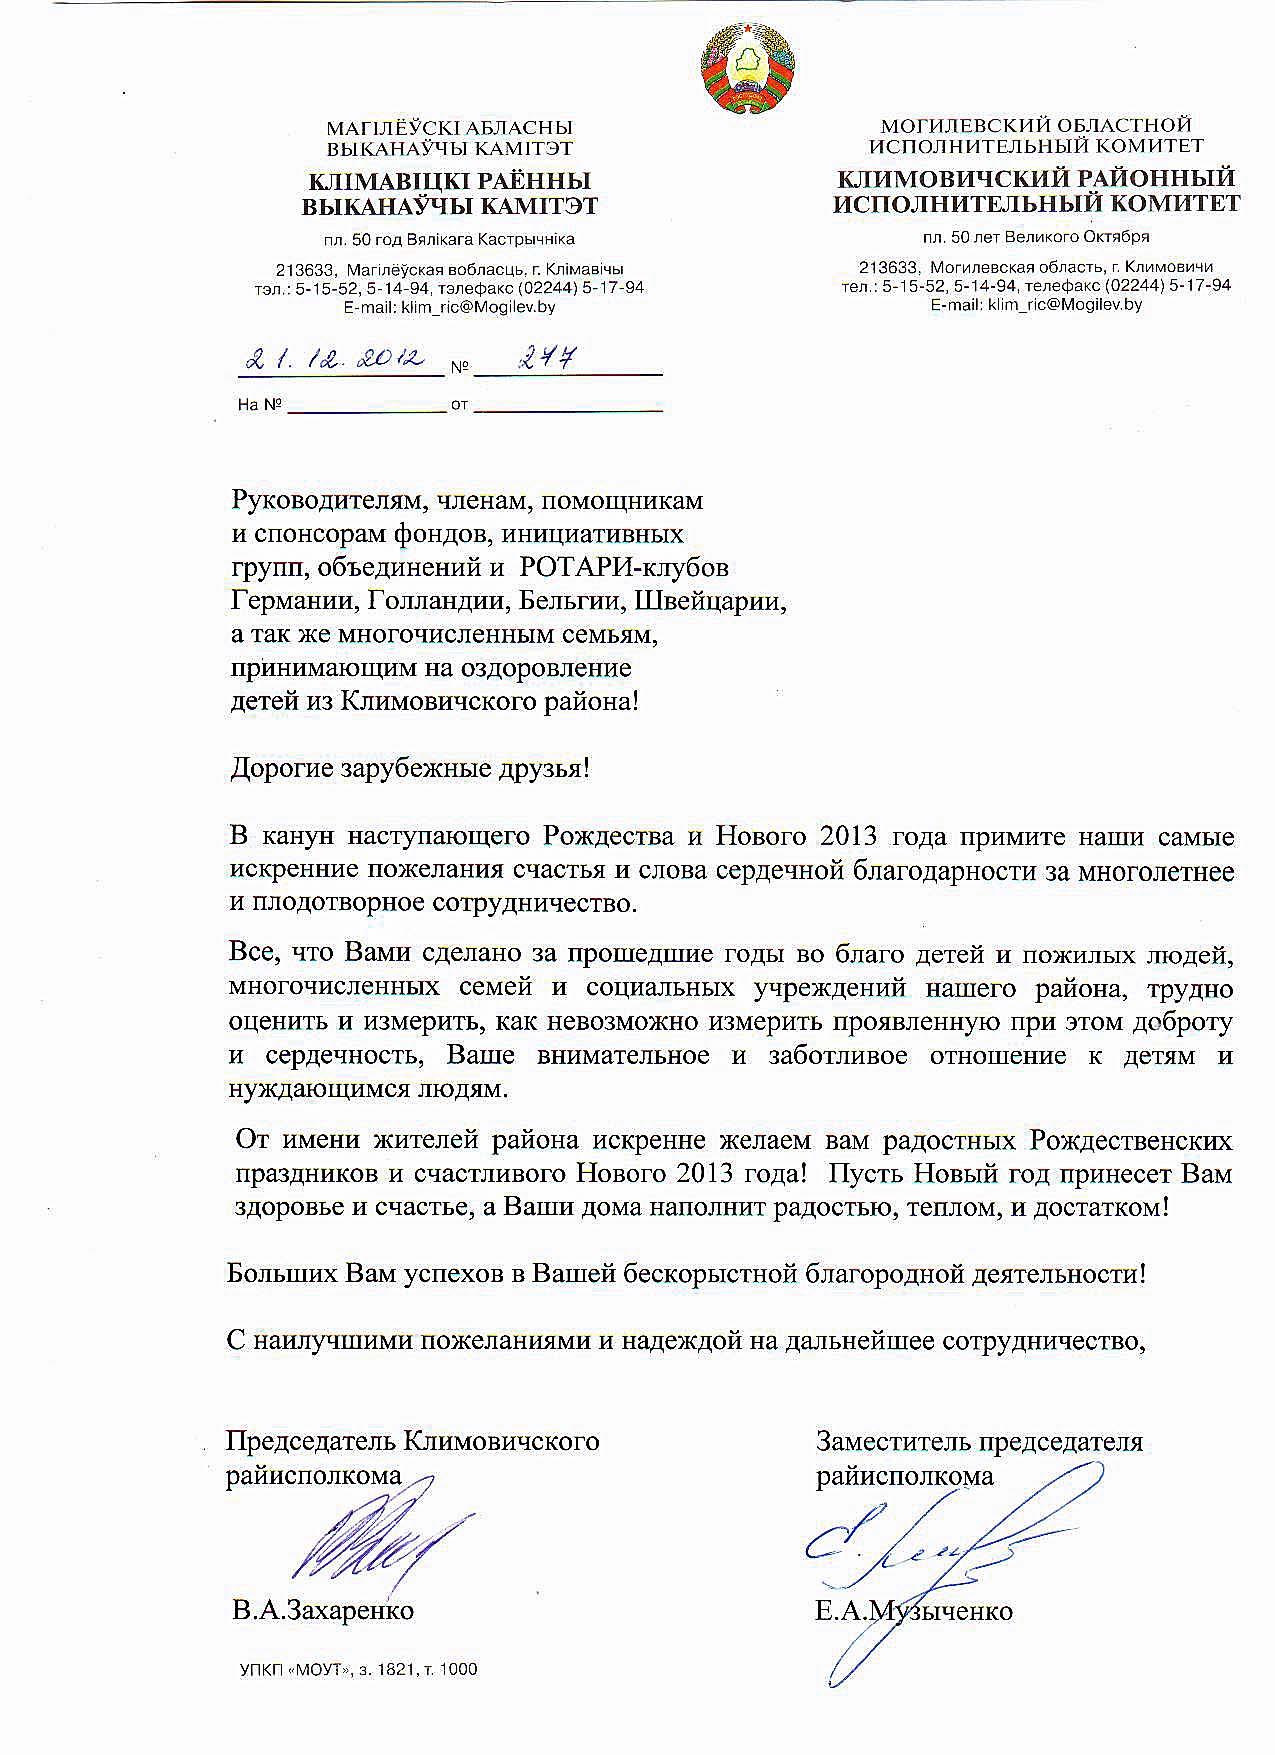 Brief Für Zusammenarbeit : Weihnachtsgrüsse vom exekutivkomitee des bezirks